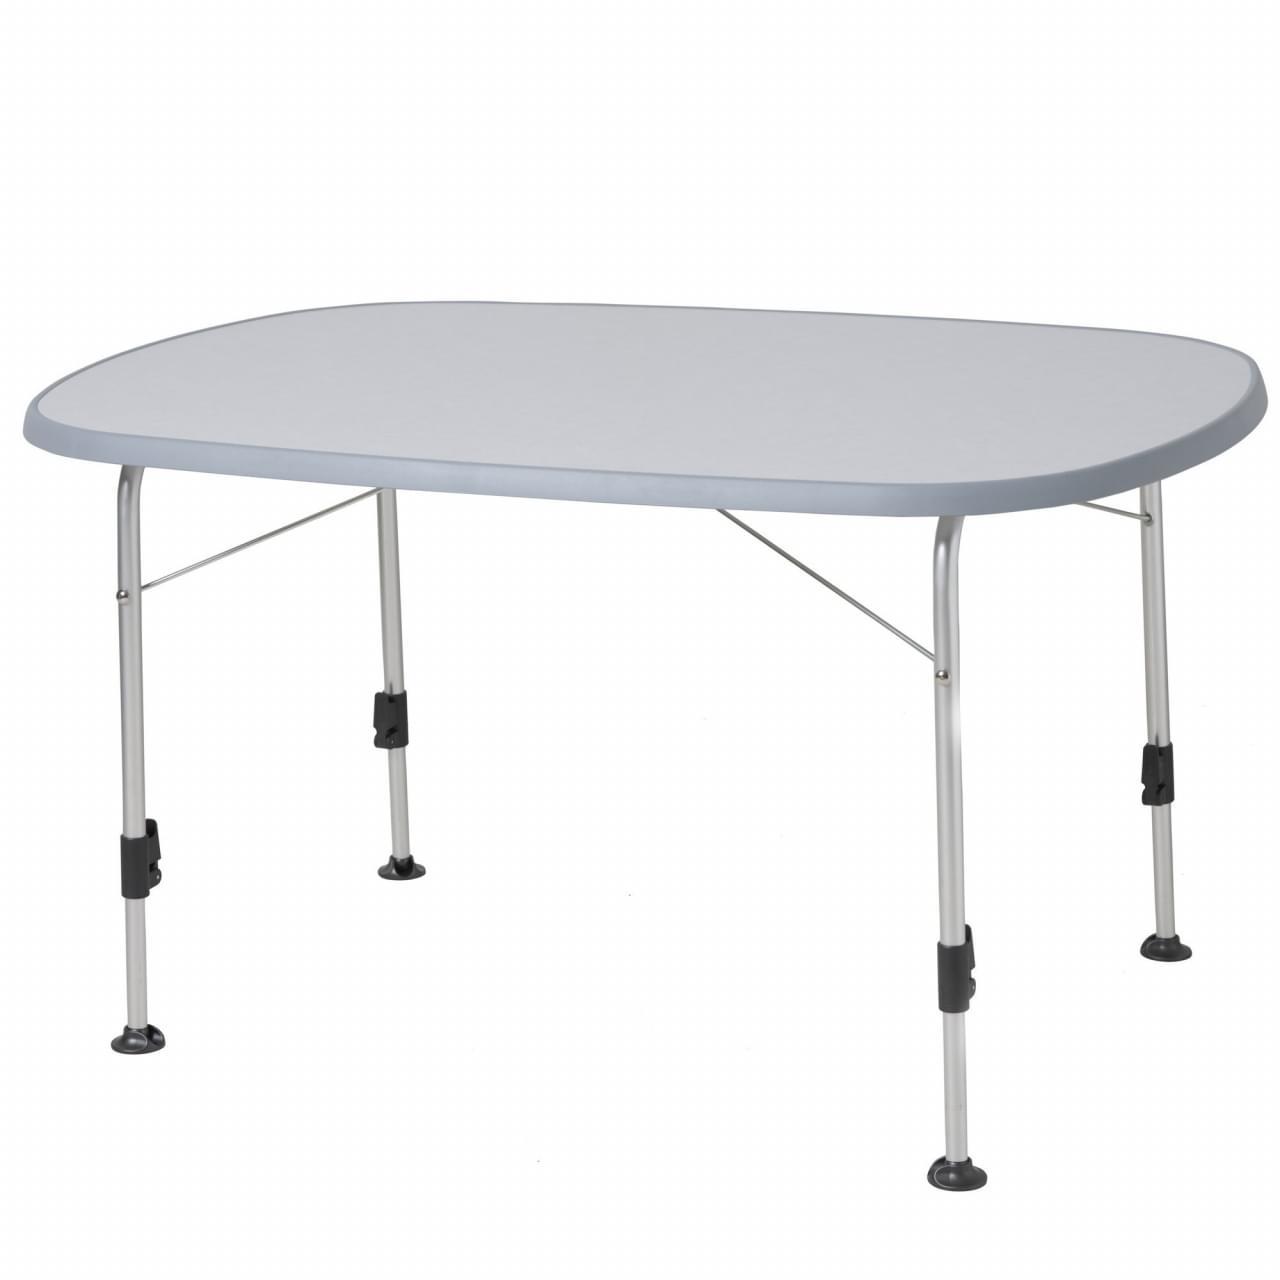 Dukdalf Majestic Oval tafel